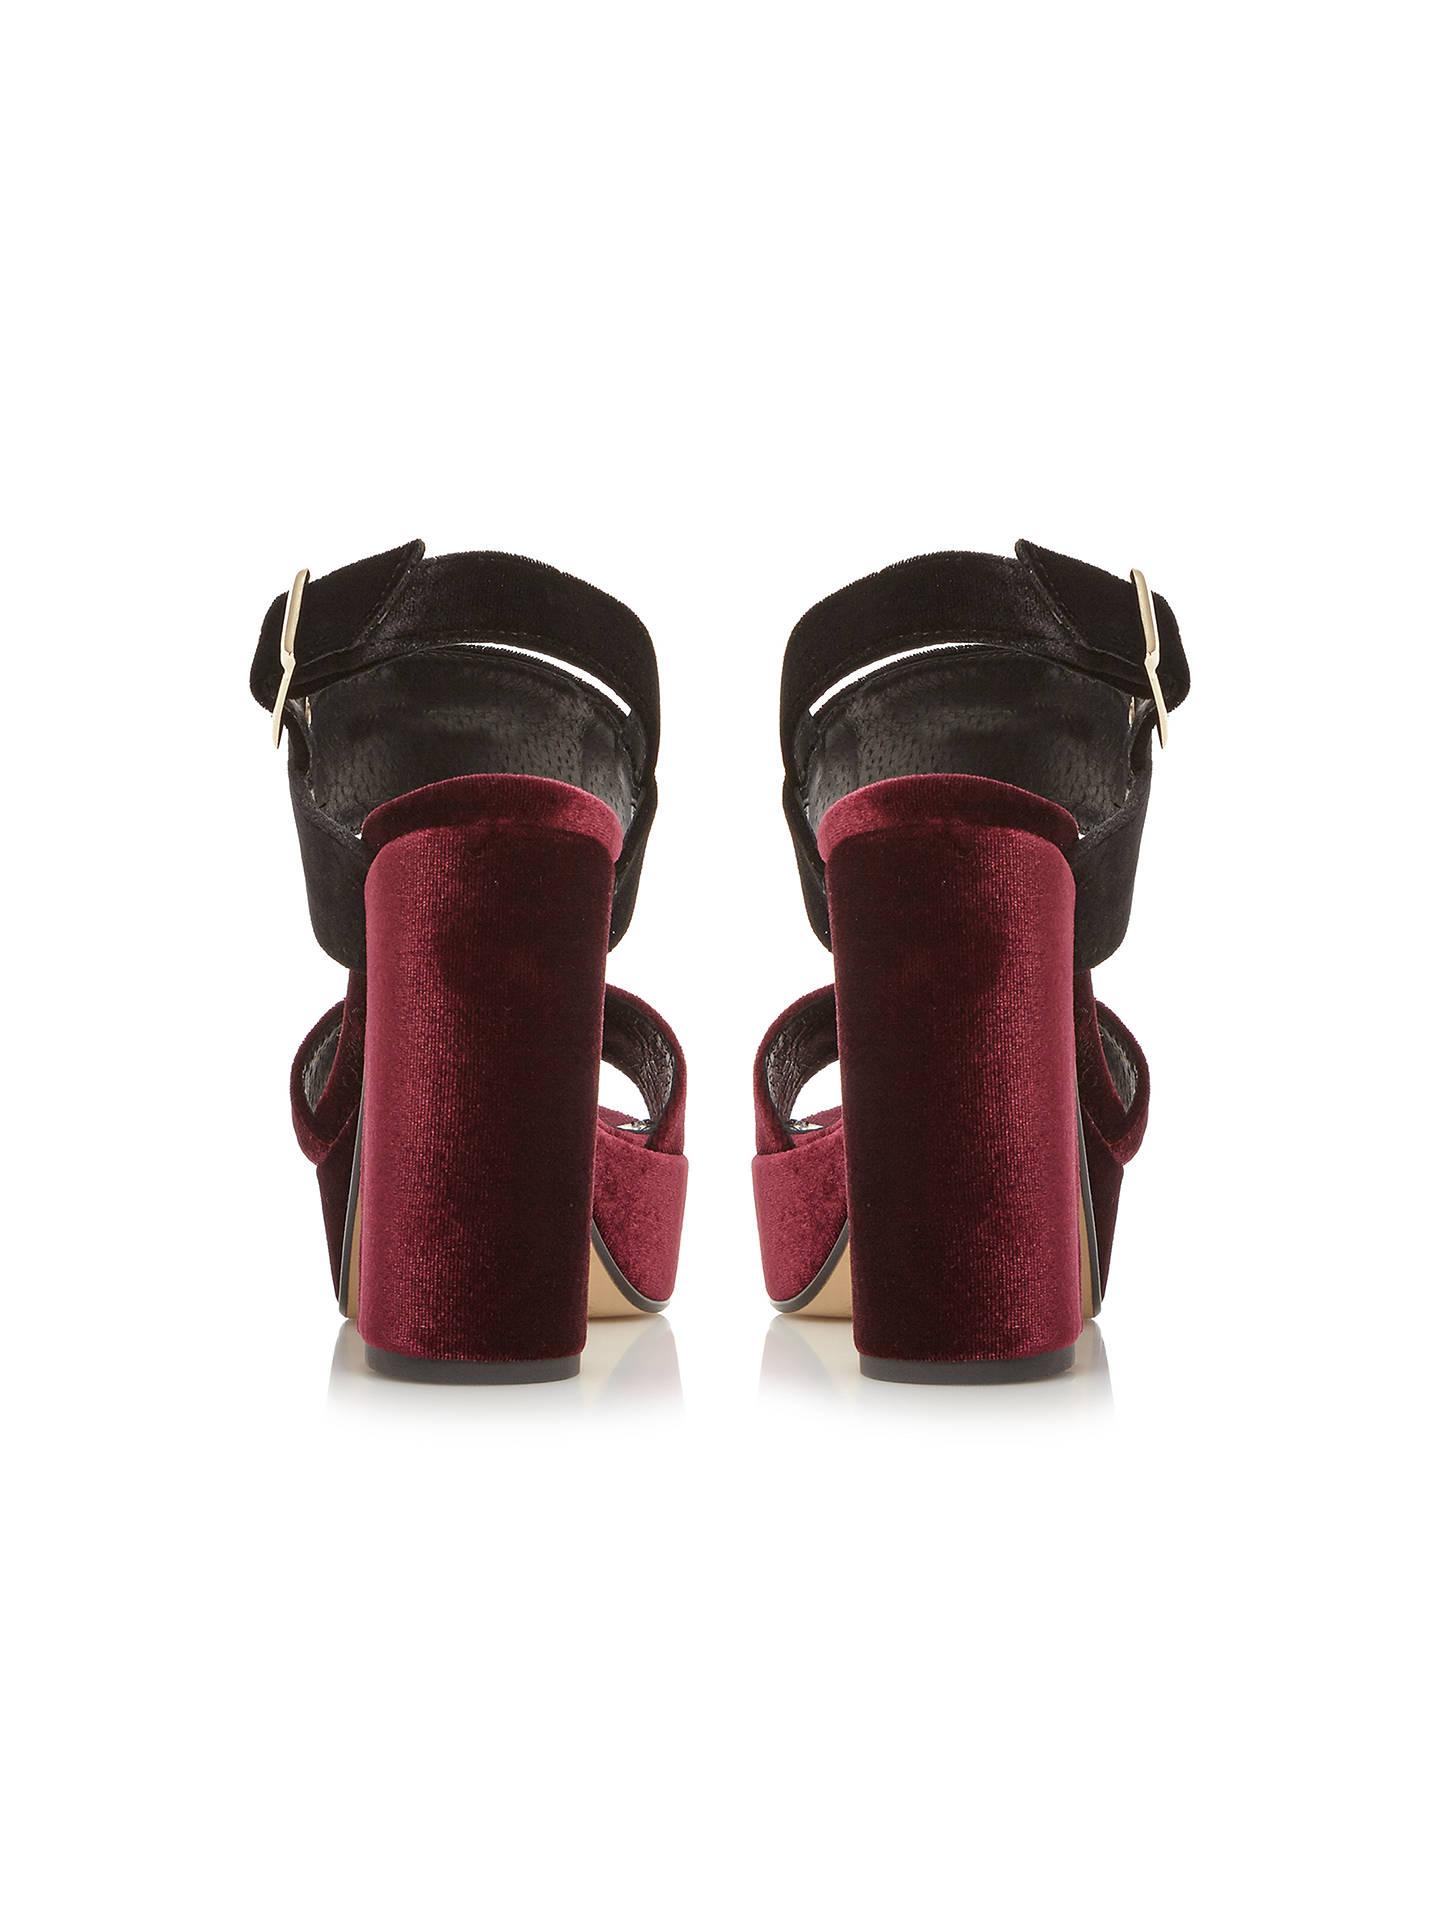 acd40af22ea Dune Mckenna Occasion Platform Block Heeled Sandals at John Lewis ...